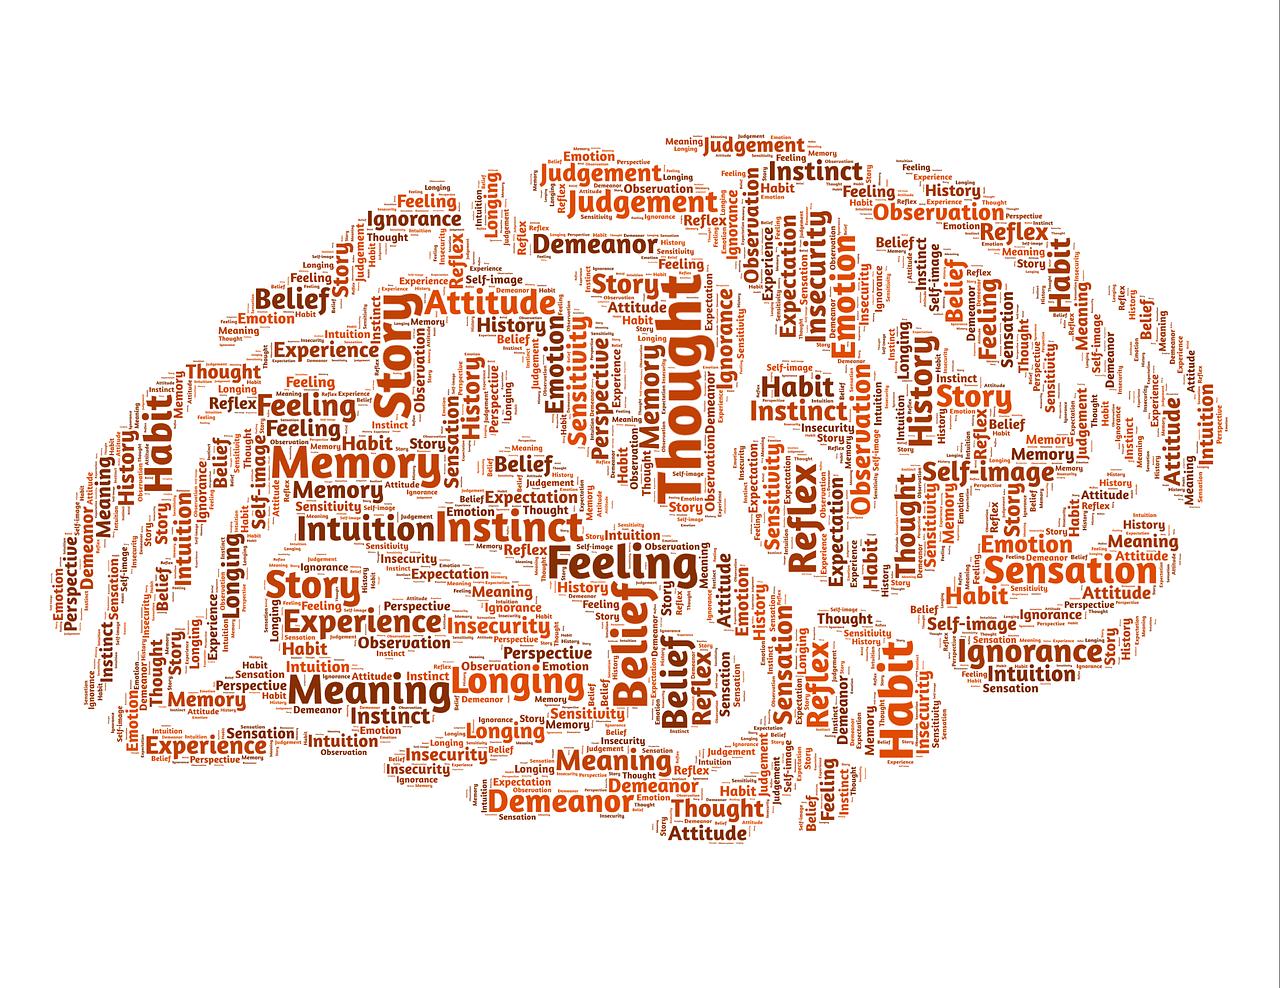 Gehirntraining für Senioren - Was kann gemacht werden